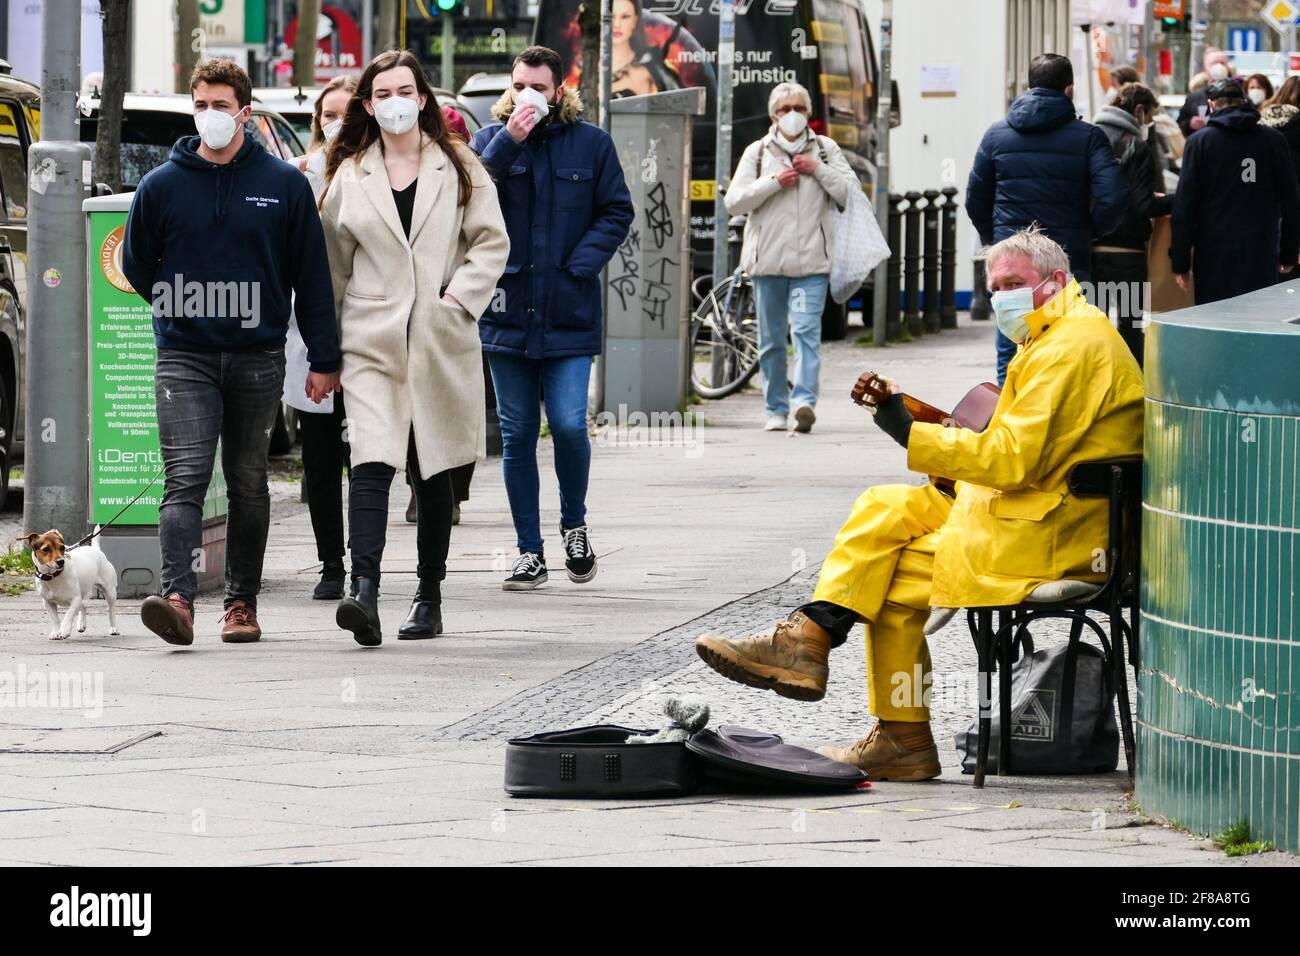 Berlín, Alemania. 12th de Abr de 2021. Un músico que lleva una máscara se presenta en Berlín, capital de Alemania, el 12 de abril de 2021. Más de tres millones de infecciones por COVID-19 se han registrado en Alemania el lunes desde el brote de la pandemia, según el Instituto Robert Koch (RKI). Crédito: Stefan Zeitz/Xinhua/Alamy Live News Foto de stock